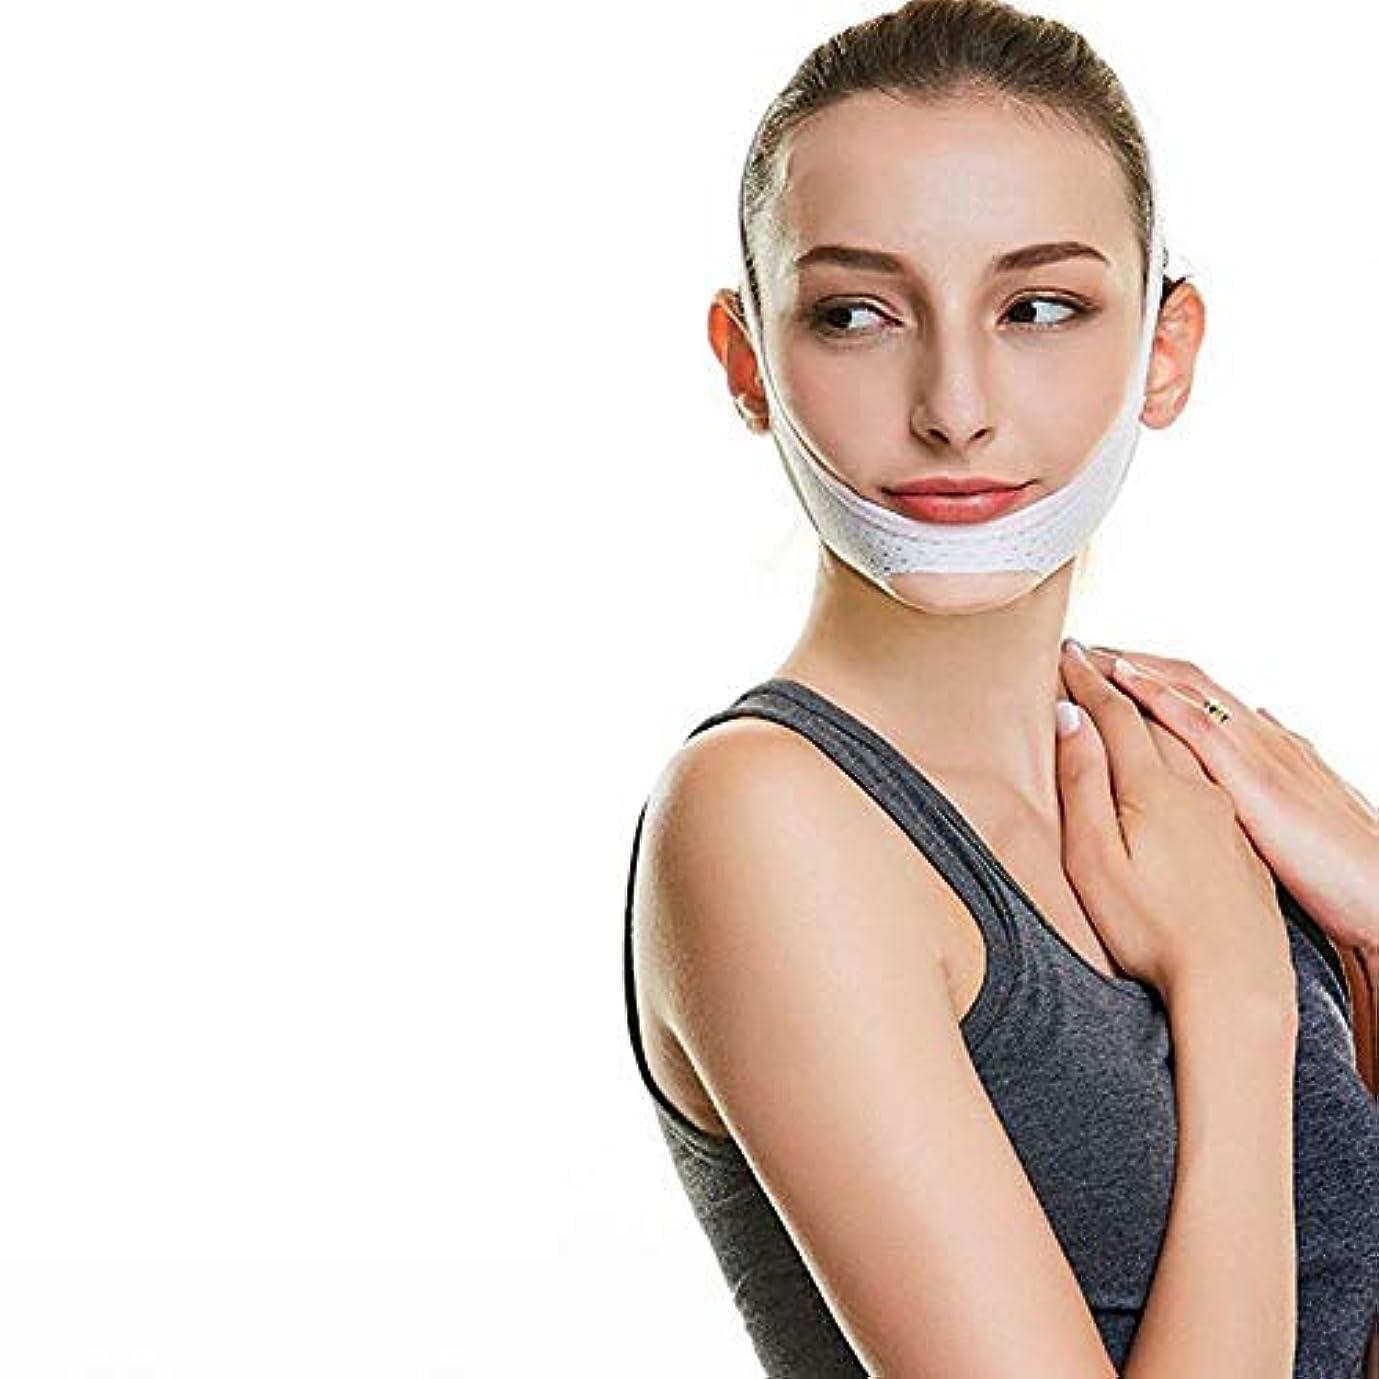 急いで派生するスラムVフェイスライン包帯、顎ほぐれ防止防シワマスク極薄ベルト/ダブルチンフェイスタイプアライナ(ホワイト)